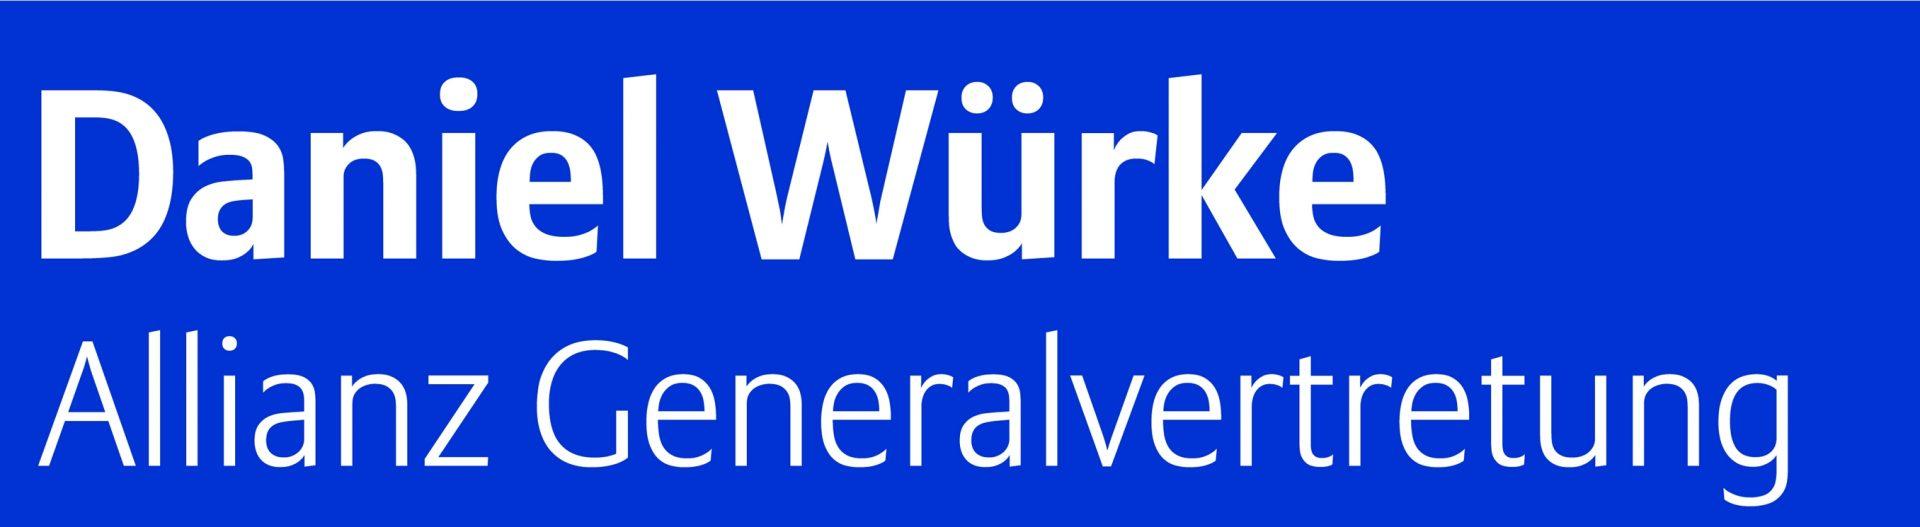 Daniel_Würke_Allianz